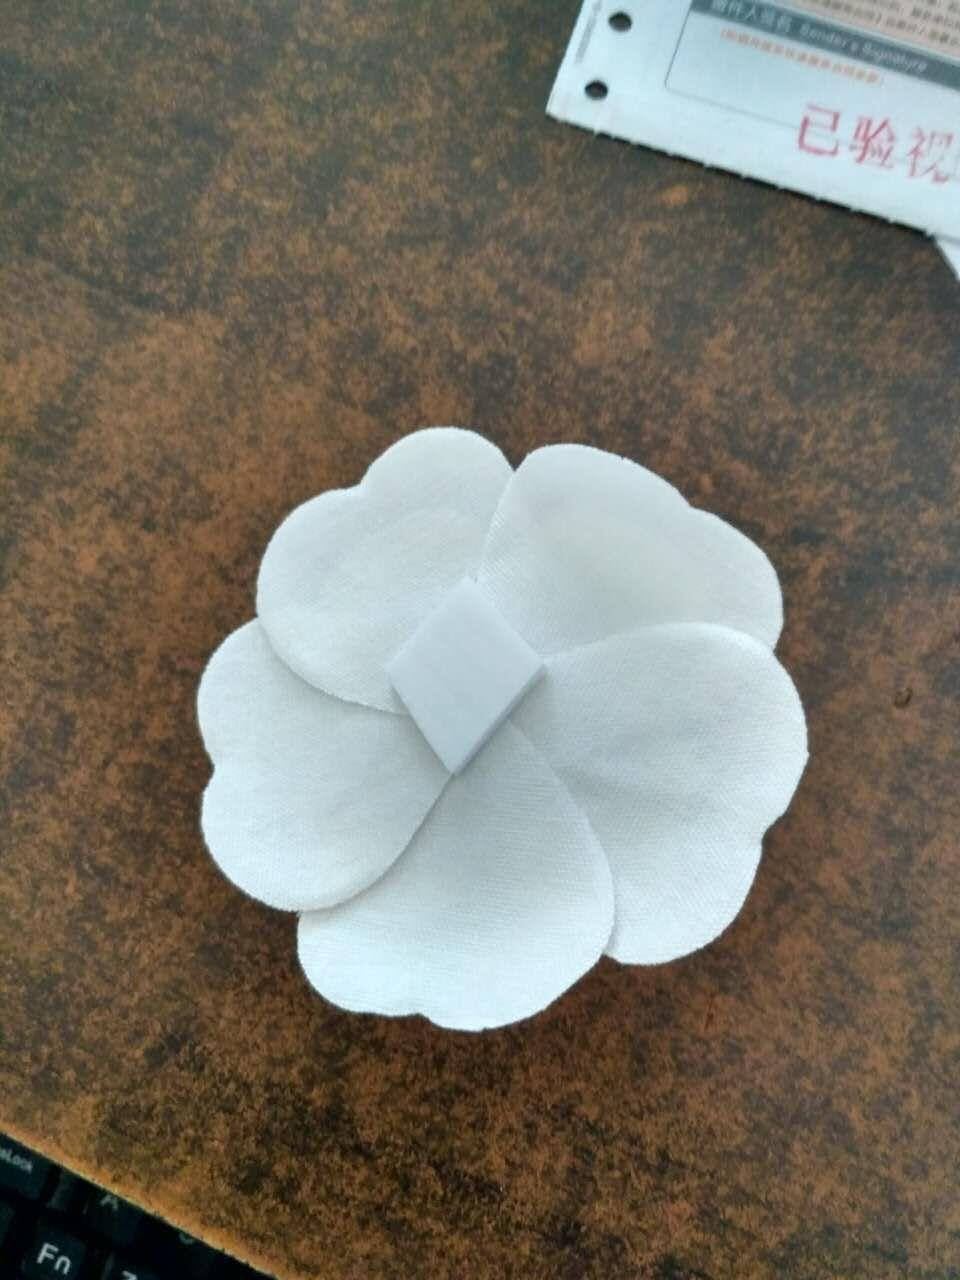 21ab3afd053 Compre Tecido Flor DIY Material Camélia Flor Branca Com Etiqueta ...